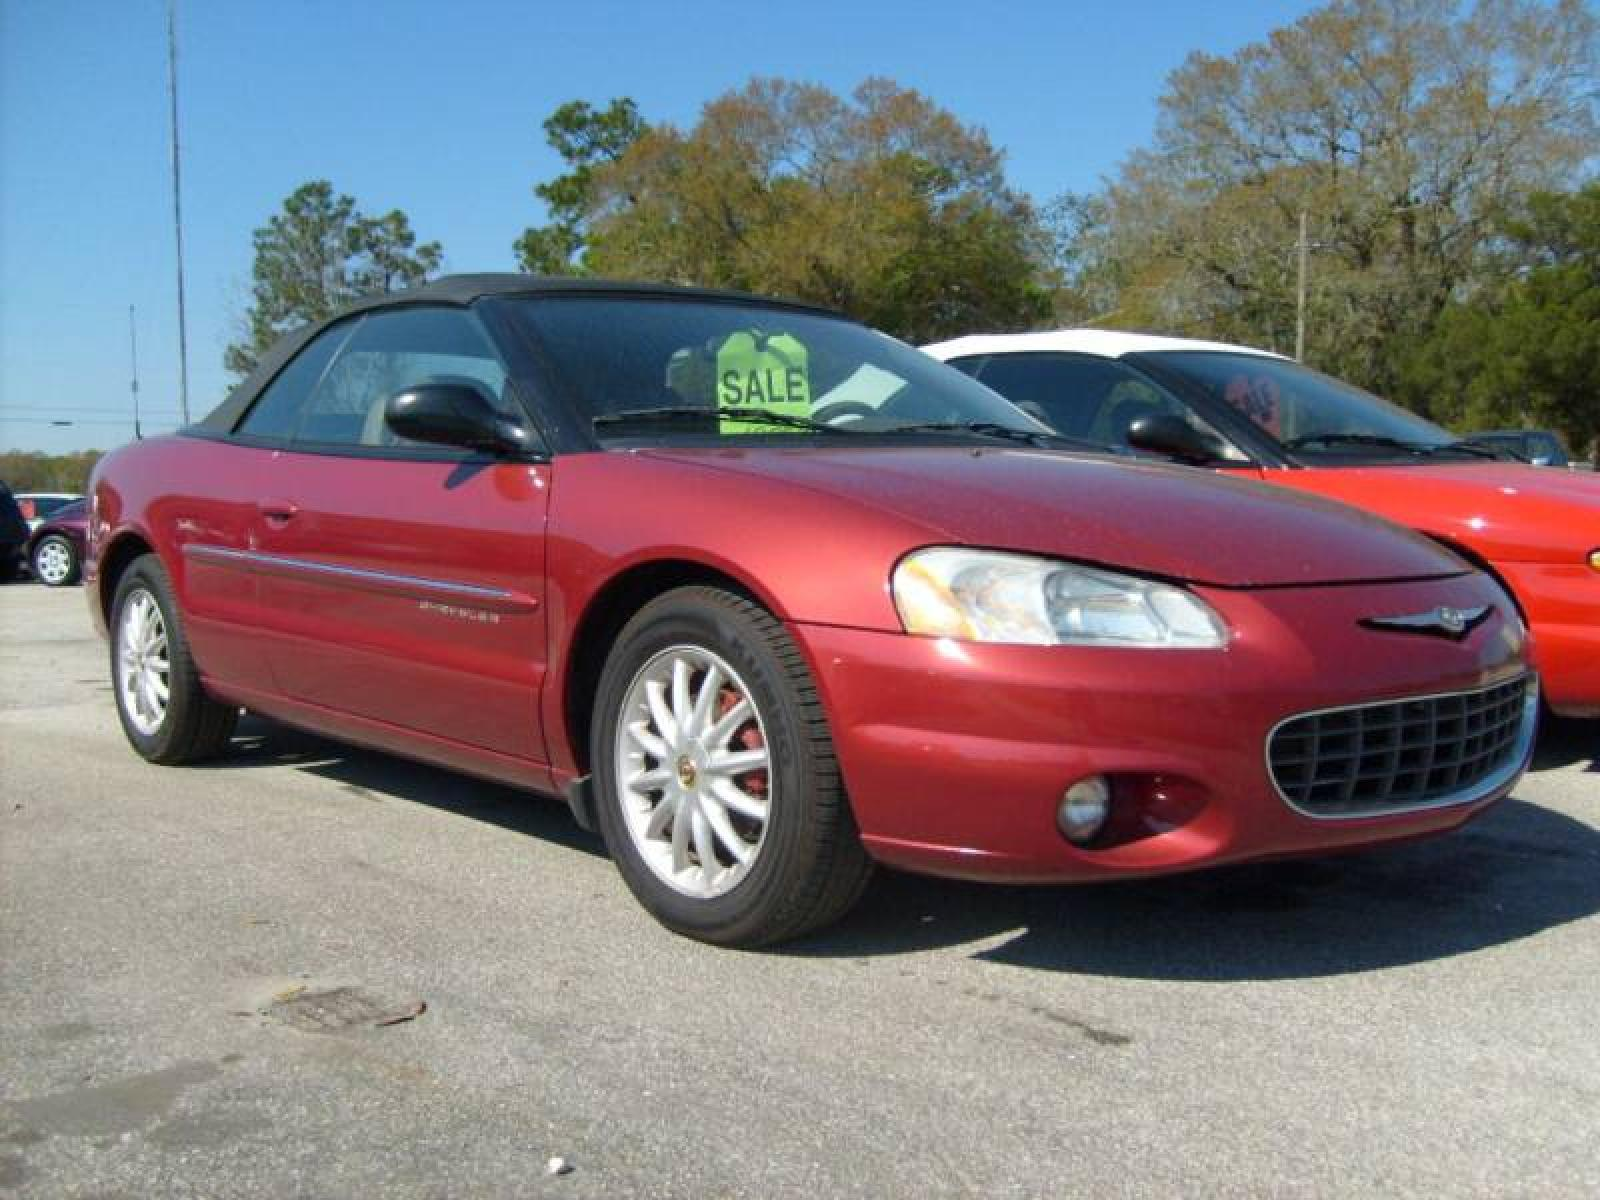 2001 Chrysler Sebring #11 Chrysler Sebring #11 800 1024 1280 1600 origin ...